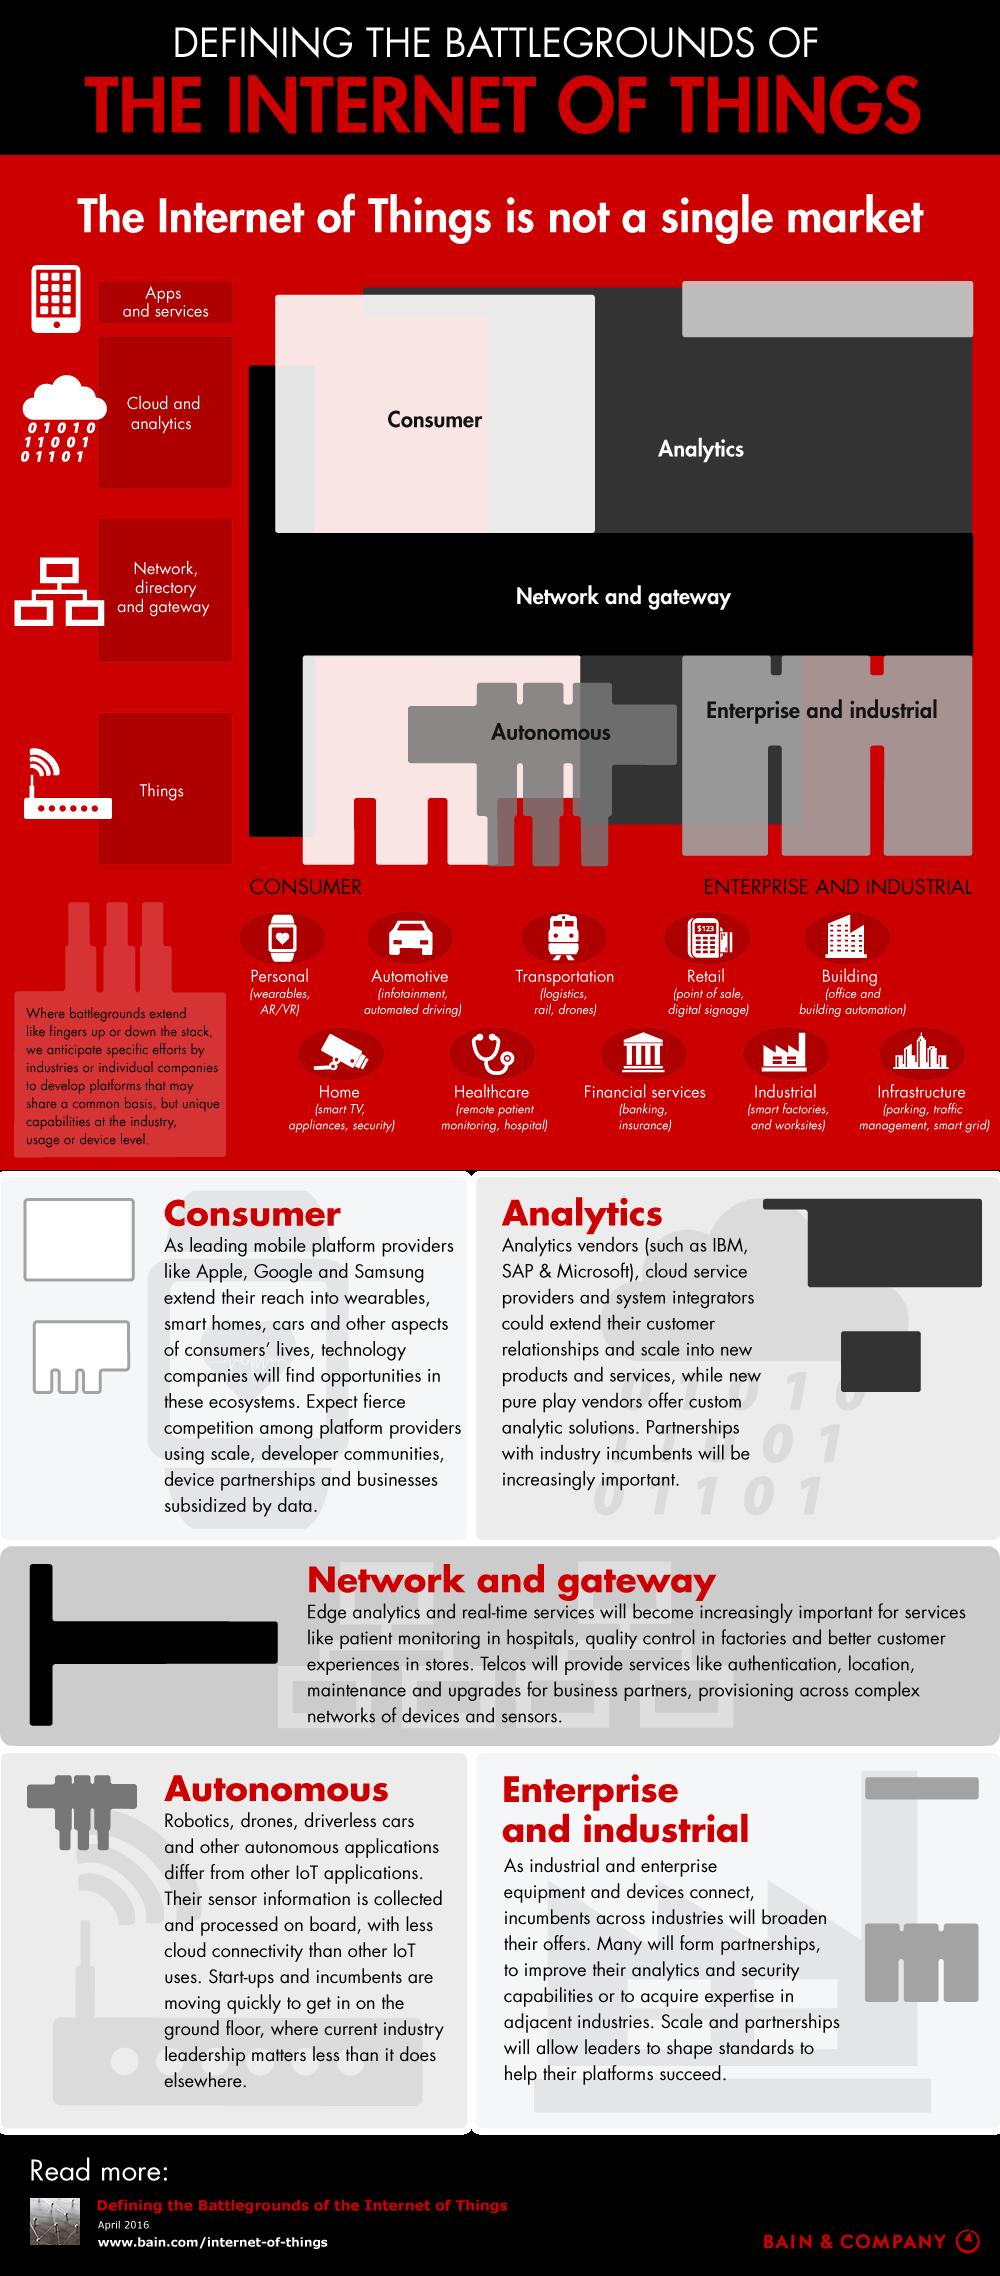 Définir les champs de bataille de l'internet des objets #IOT